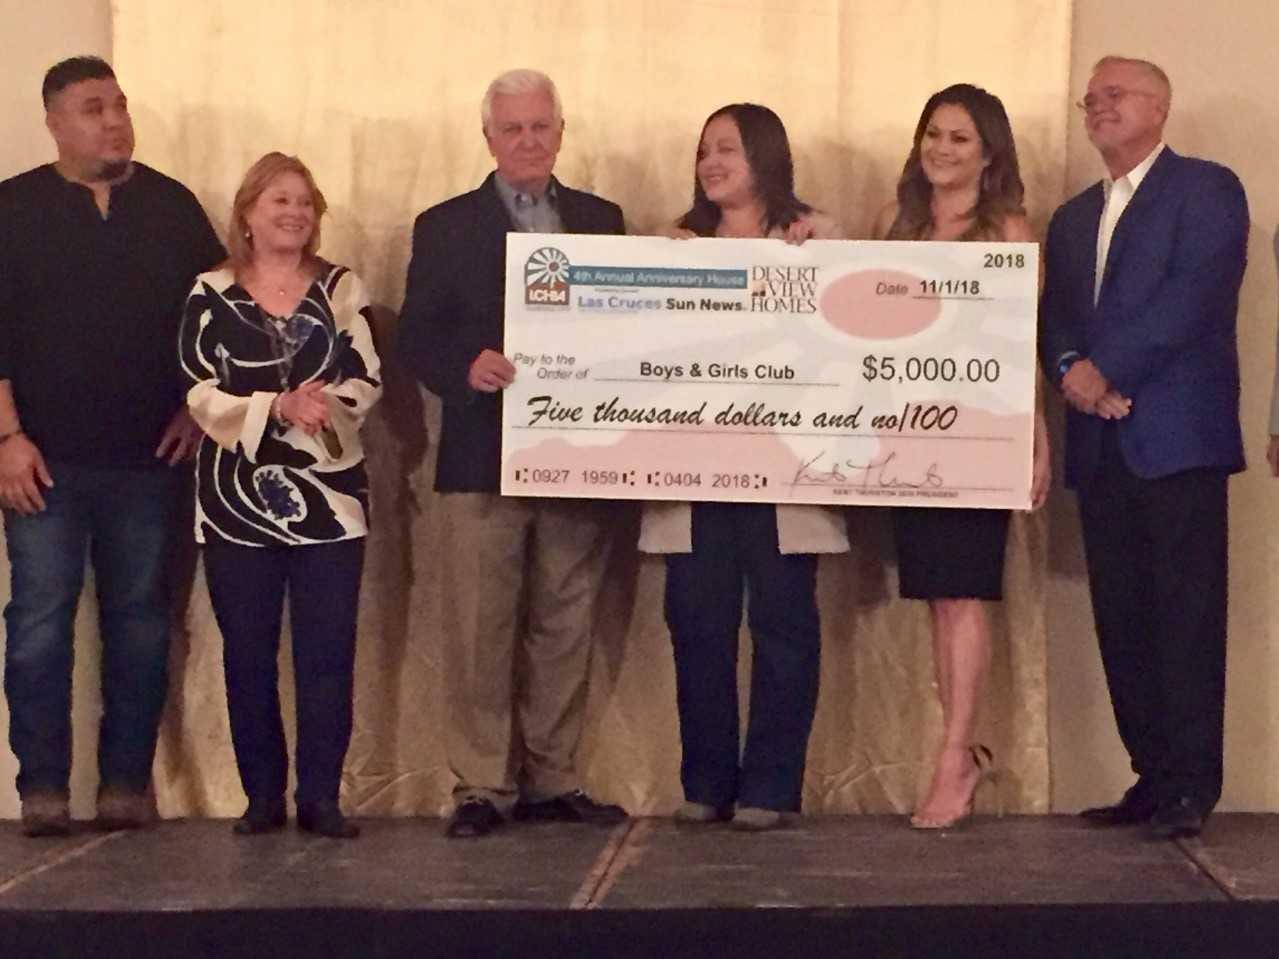 Boys and Girls Club, $5,000